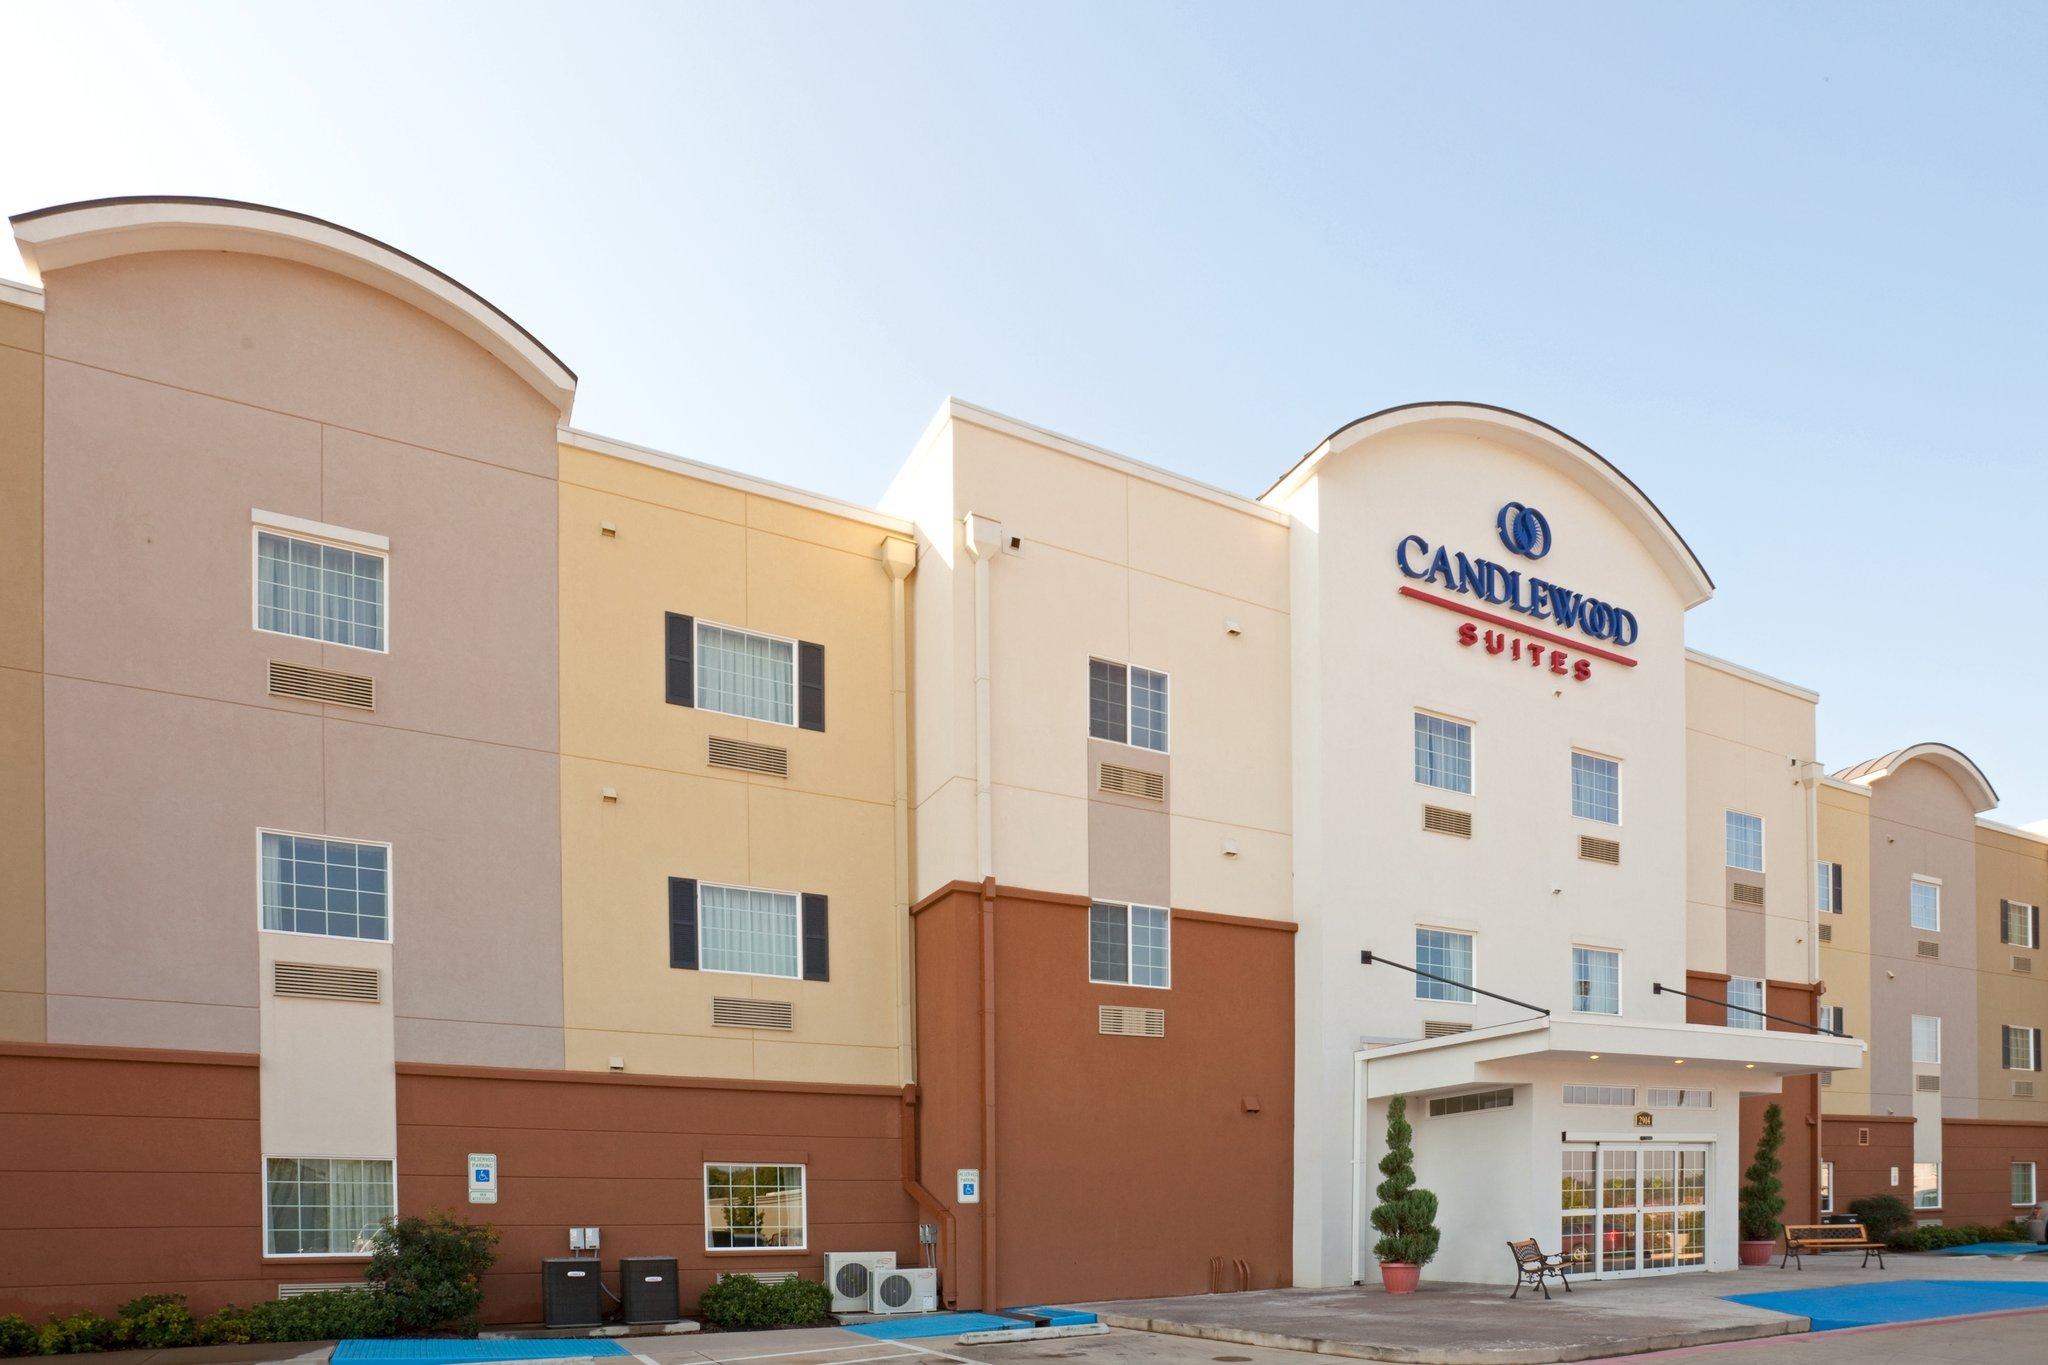 キャンドルウッド スイーツ ロングビュー ホテル